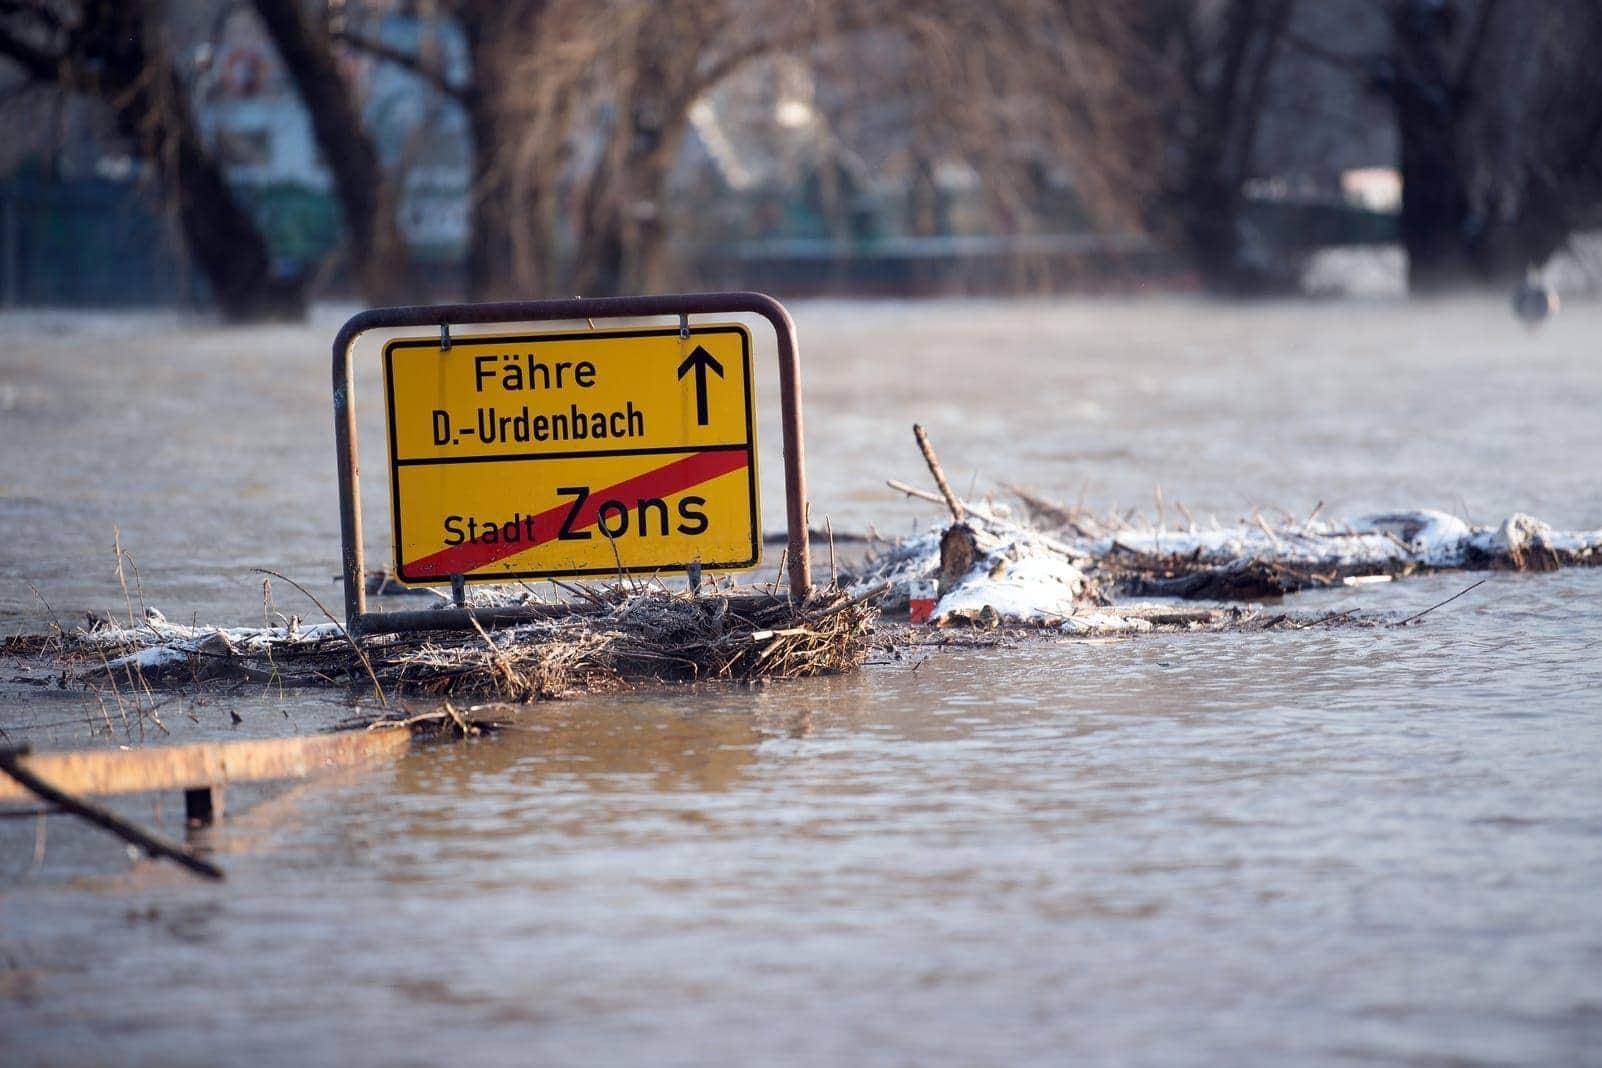 Rhein-Hochwasser in Zons